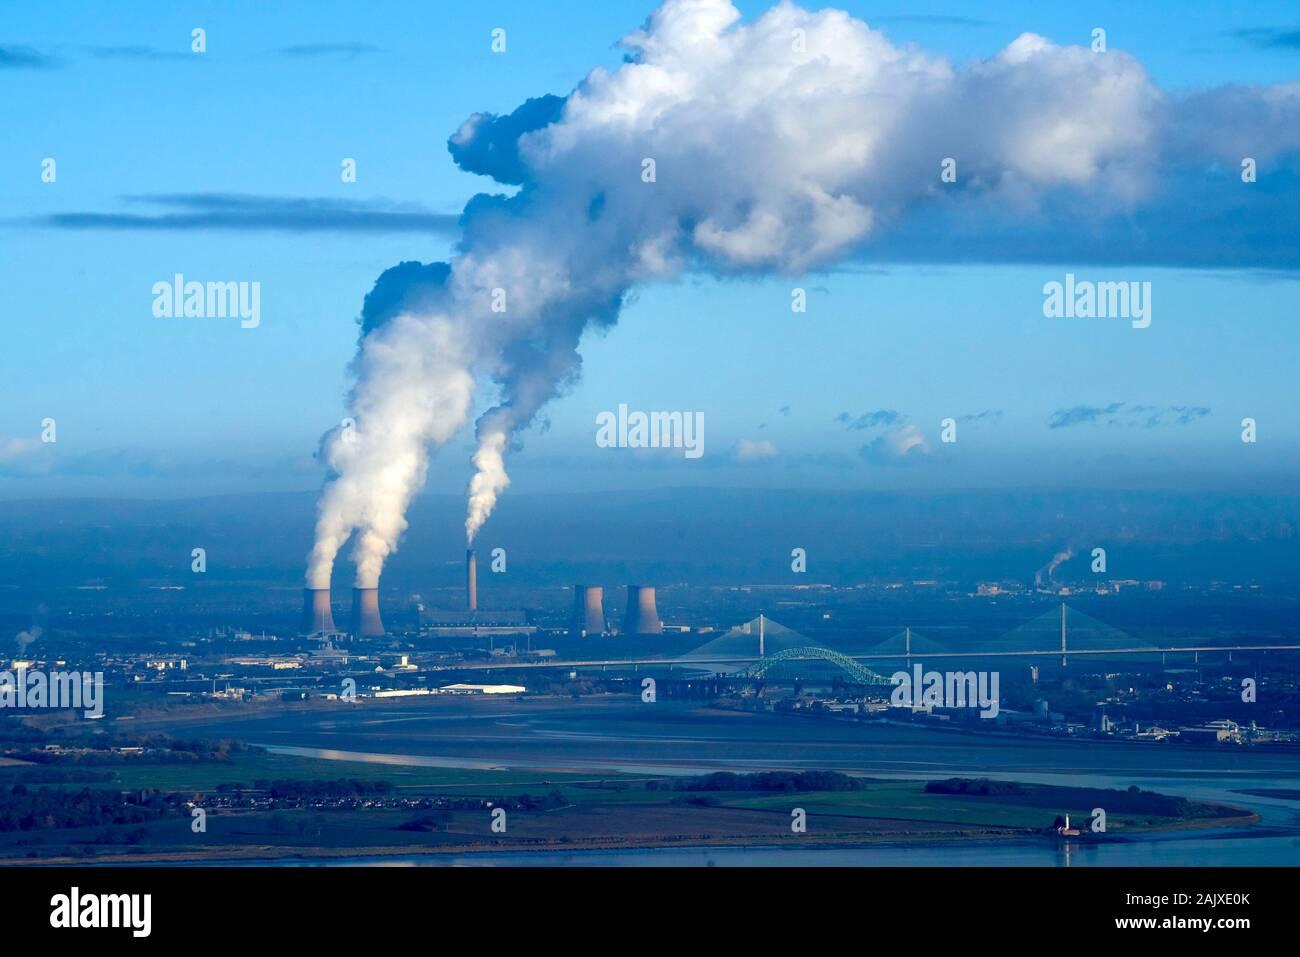 La dérive de fumée polluantes au sud en hiver, soleil de Fiddlers Ferry Coal Power Station, Merseyside, North West England, UK Banque D'Images